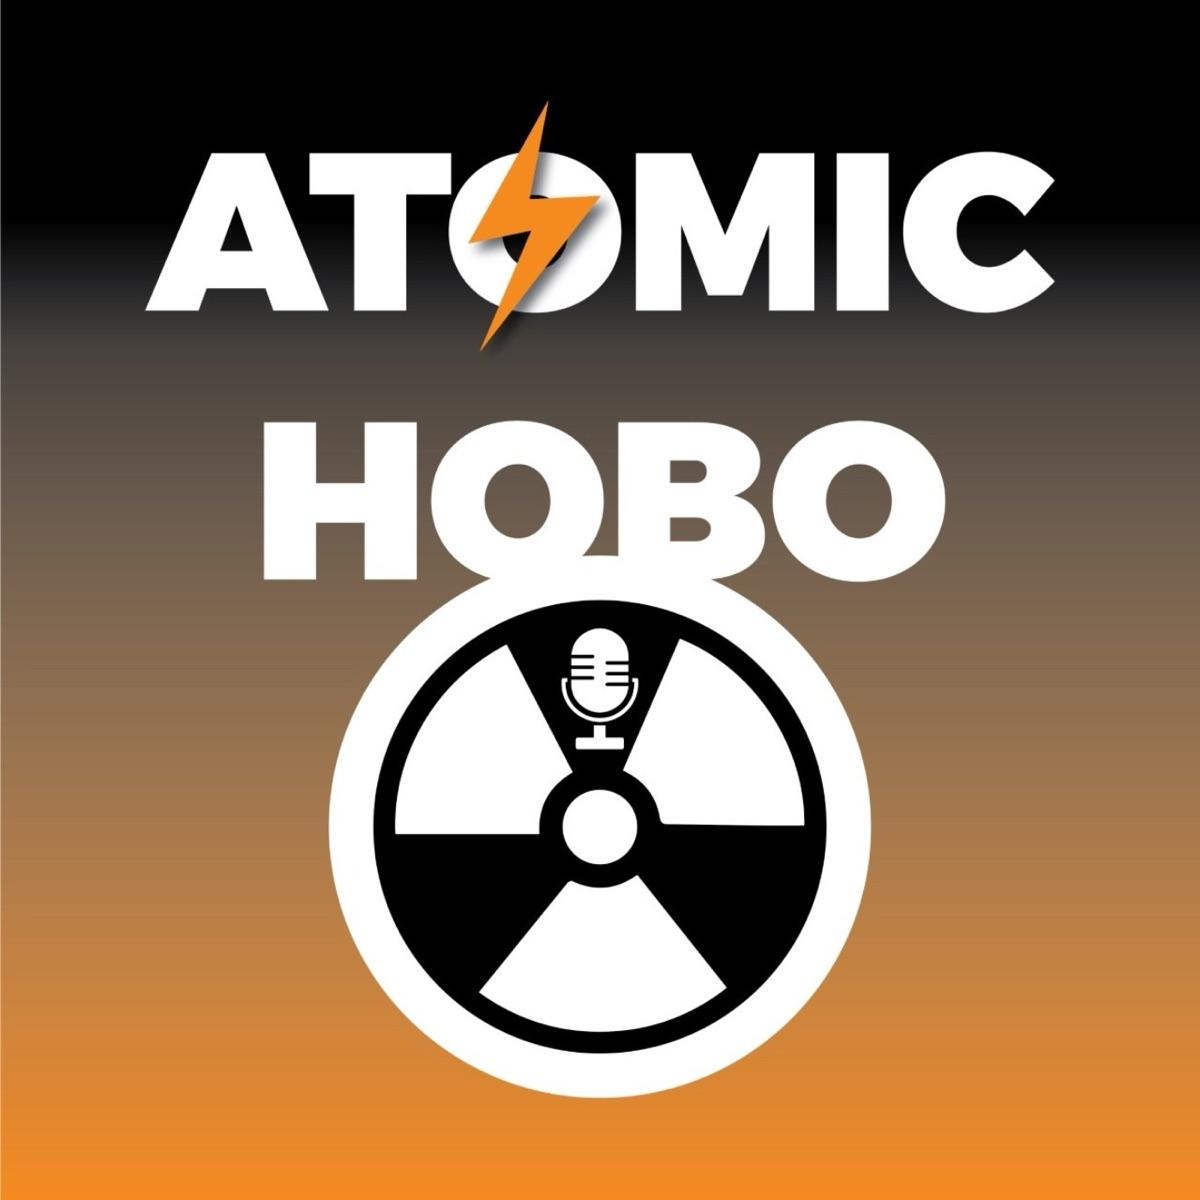 Atomic Hobo